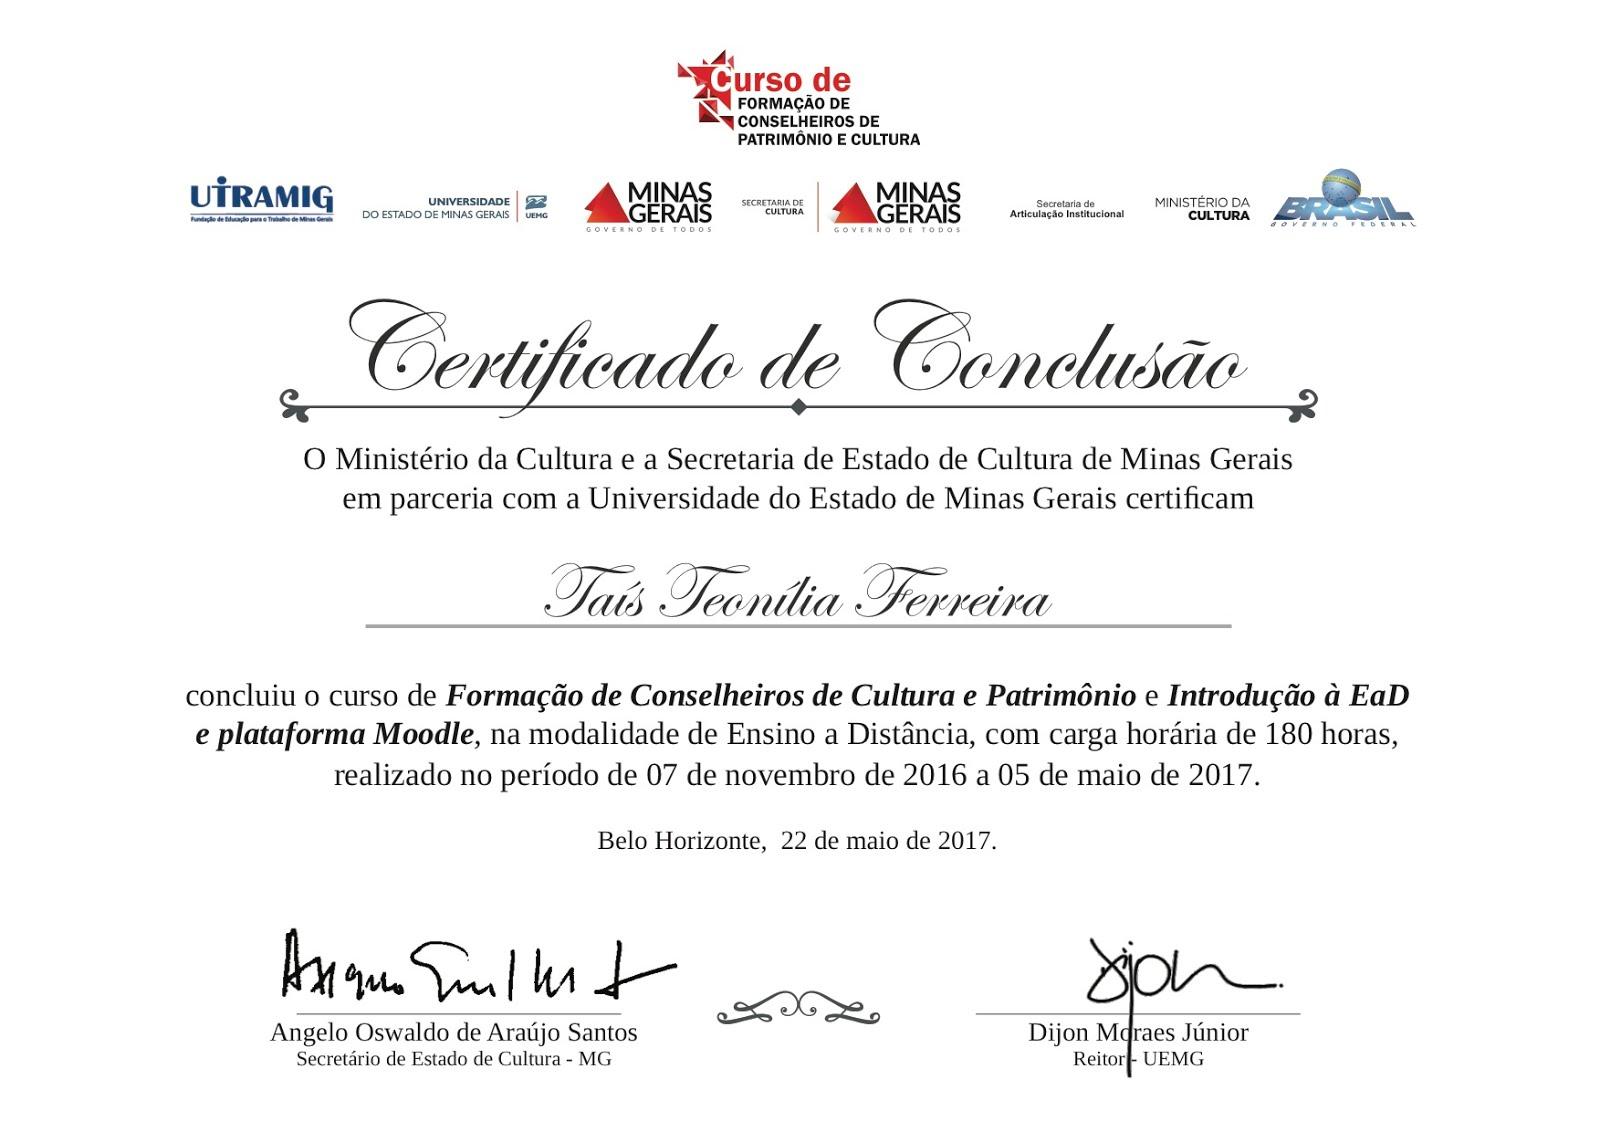 Curso de Formação de Conselheiros de Cultura e Patrimônio